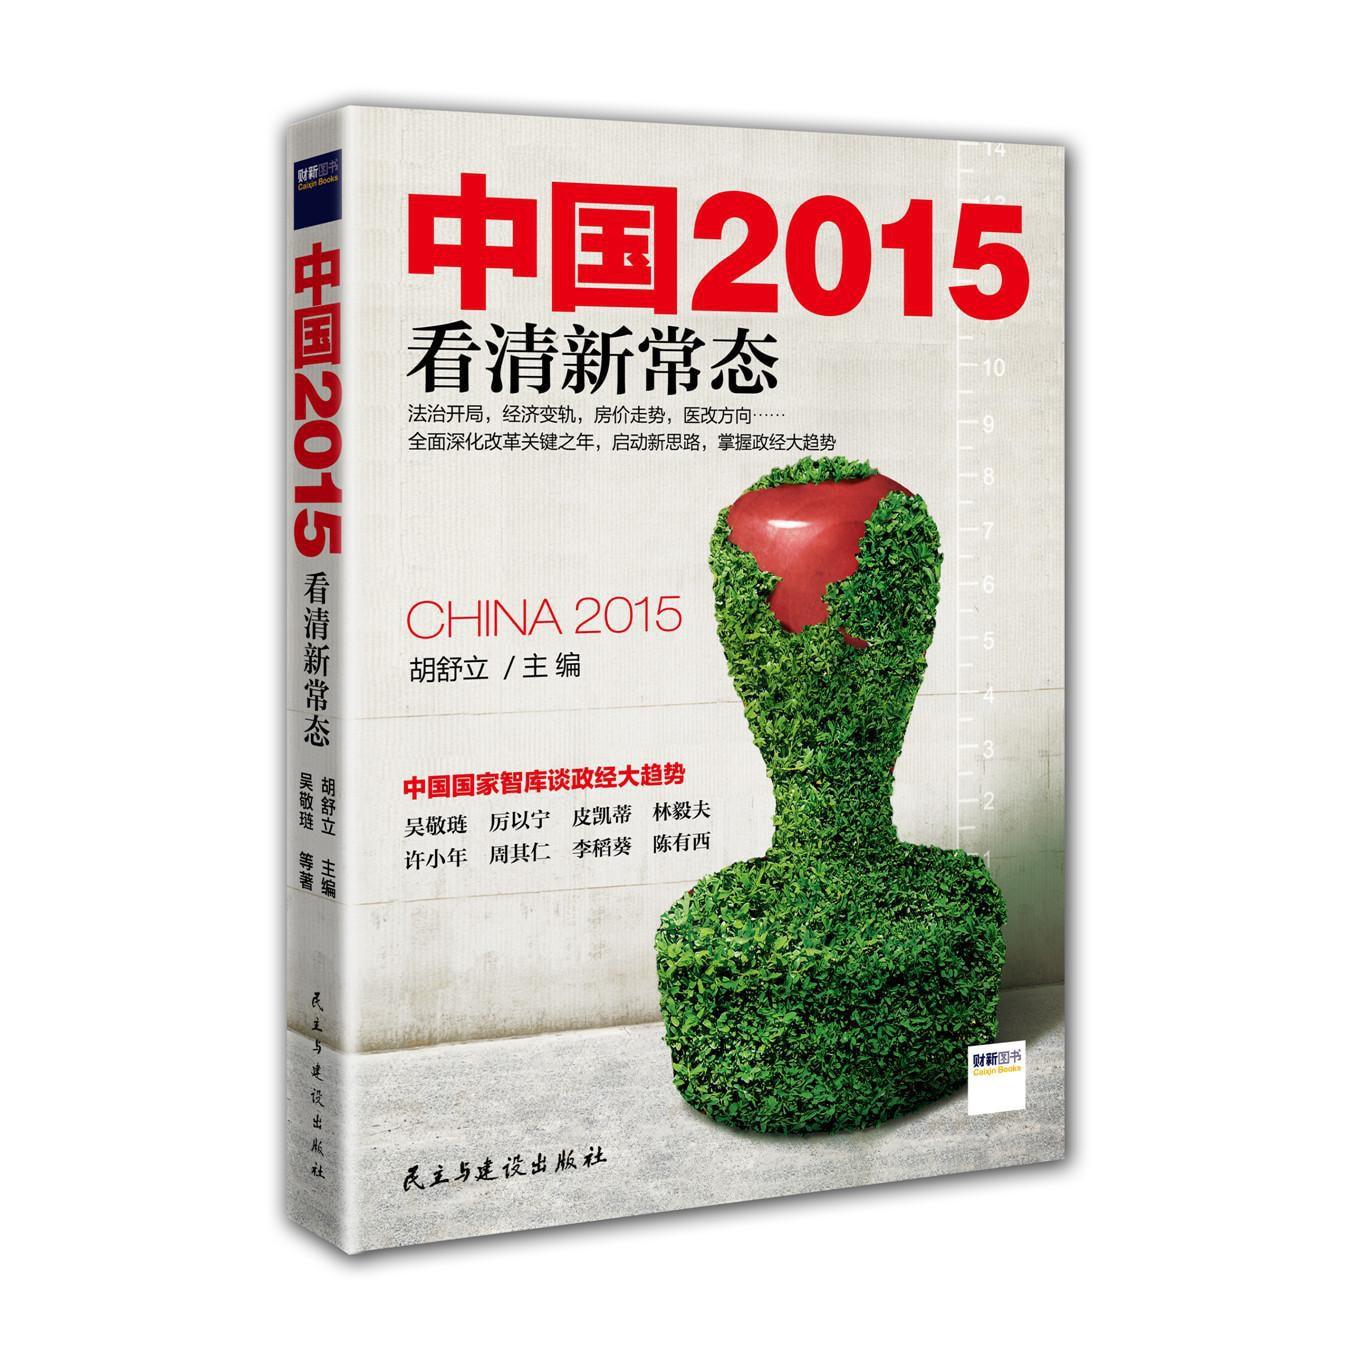 中国2015 看清新常态 怎么样 - 亚米网